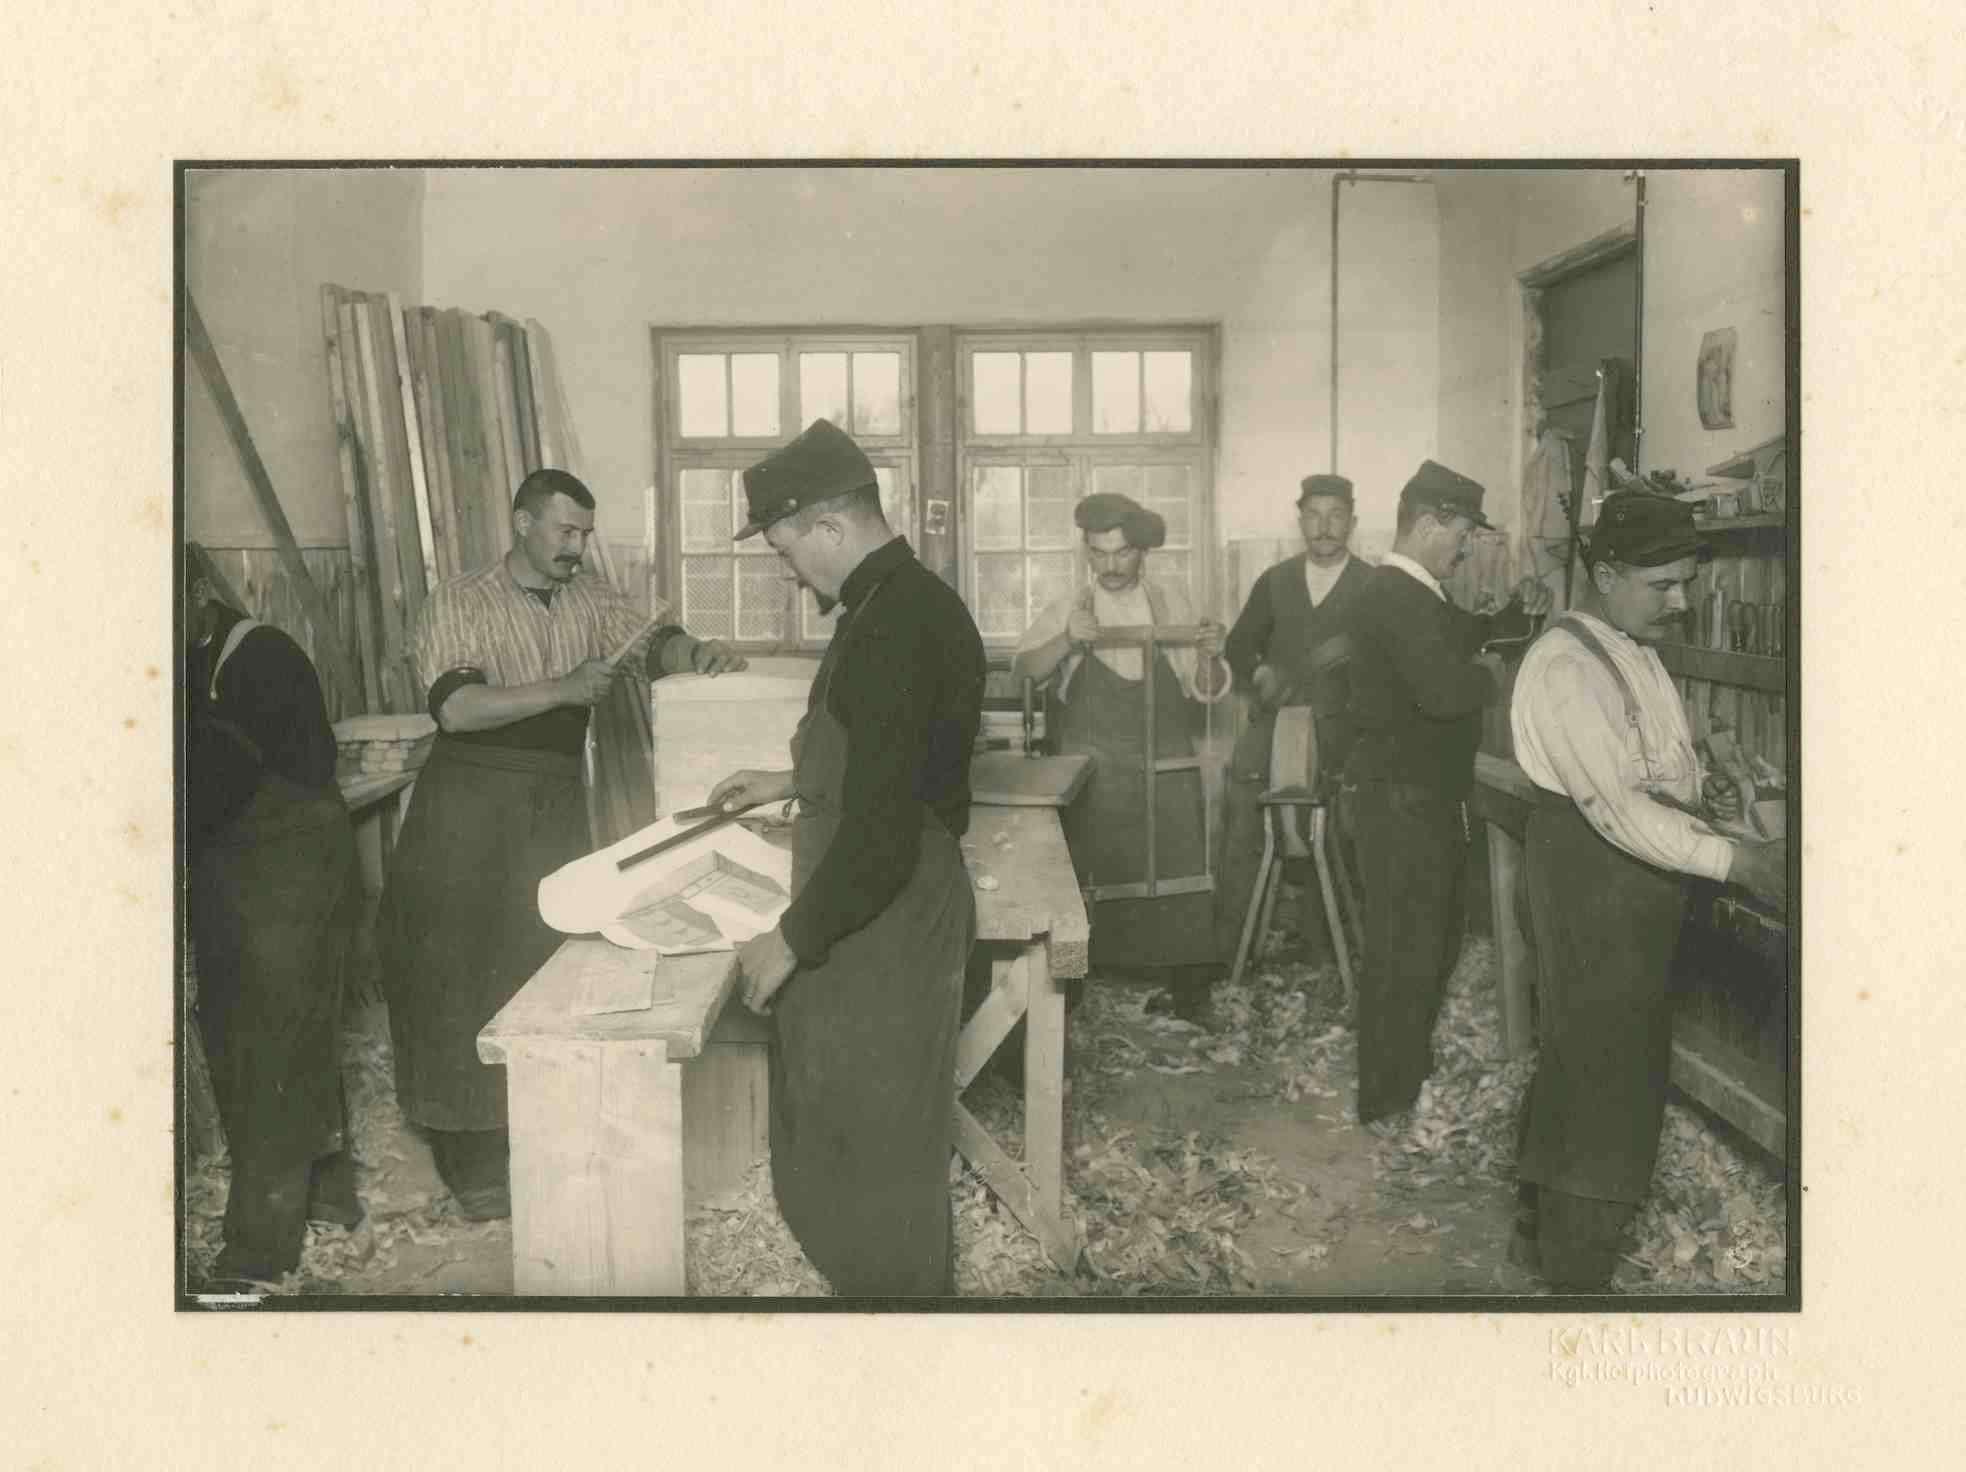 7 Kriegsgefangene beim Arbeiten in Schreinerwerkstatt Kriegsgefangenenlager Ludwigsburg-Eglosheim, Bild 1